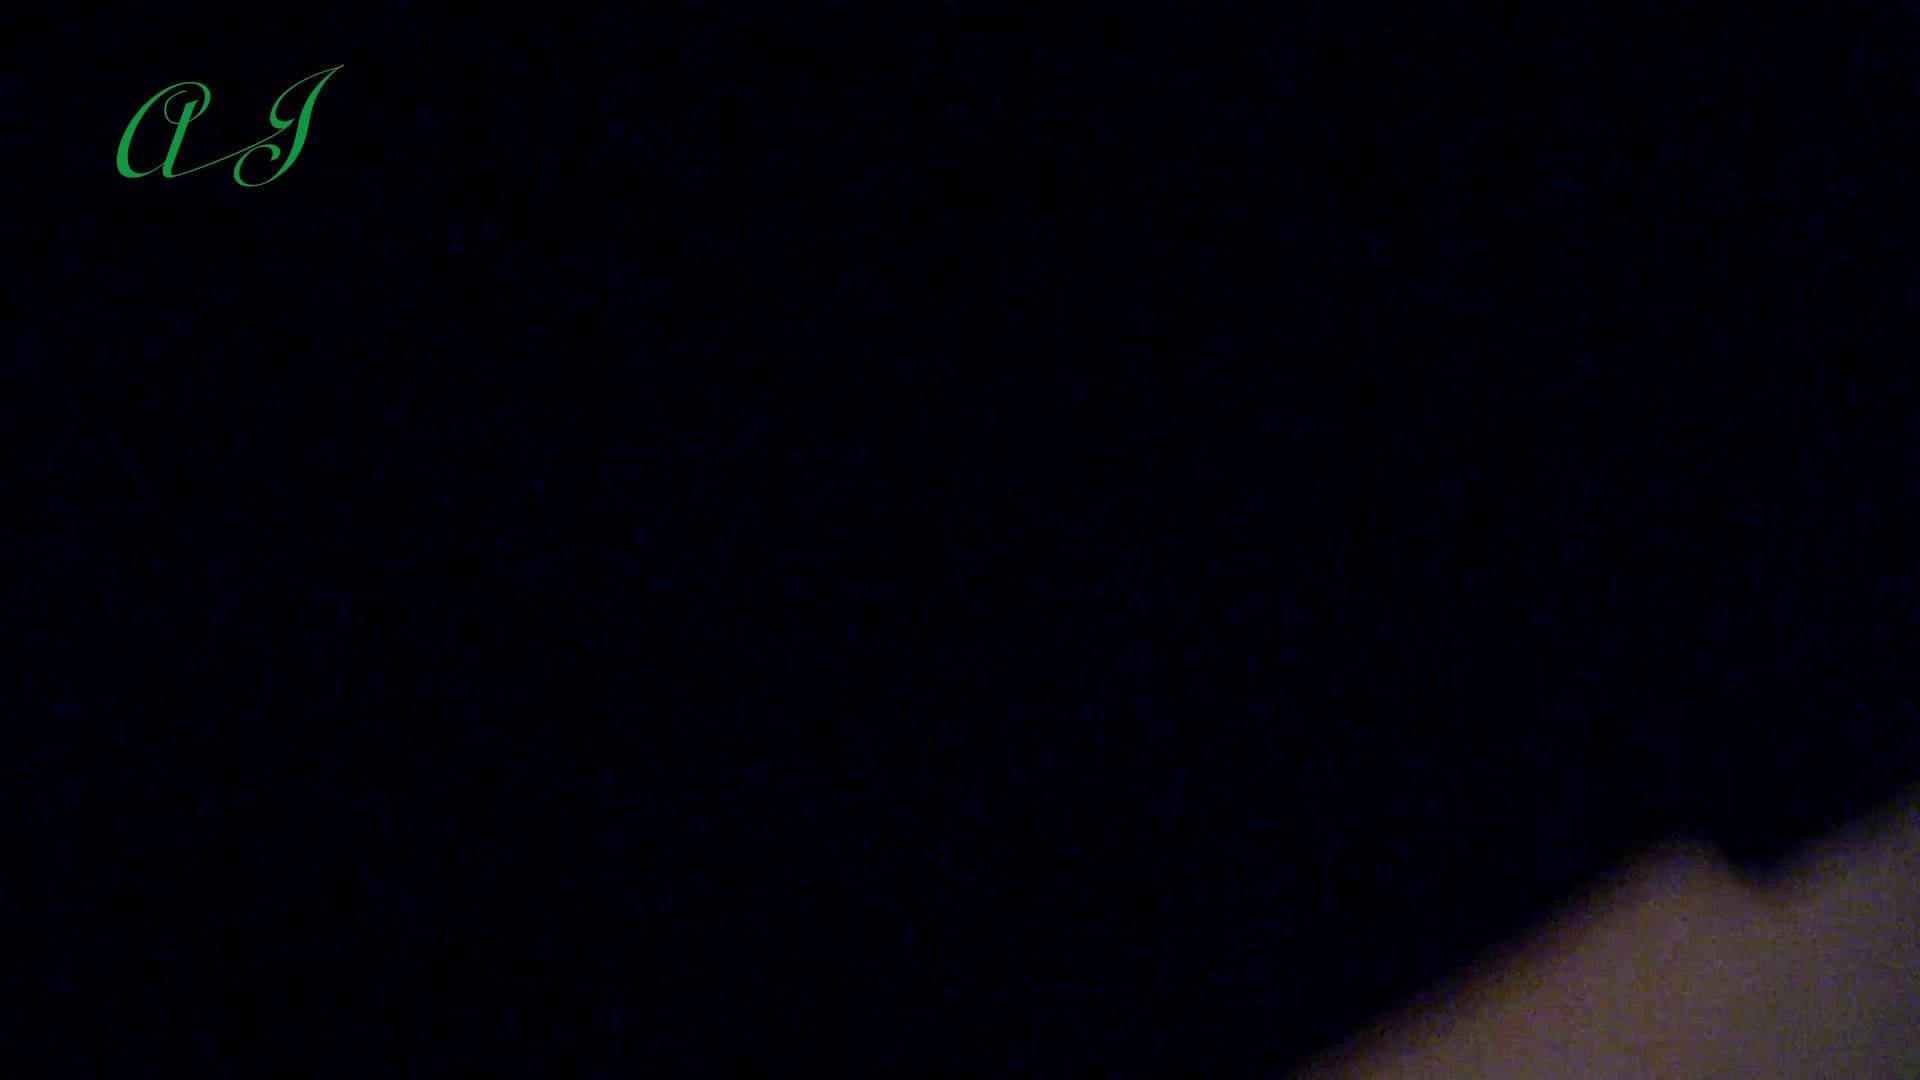 有名大学女性洗面所 vol.59 新アングル追加!相変わらずの美女率!! 丸見えマンコ   洗面所  77画像 18